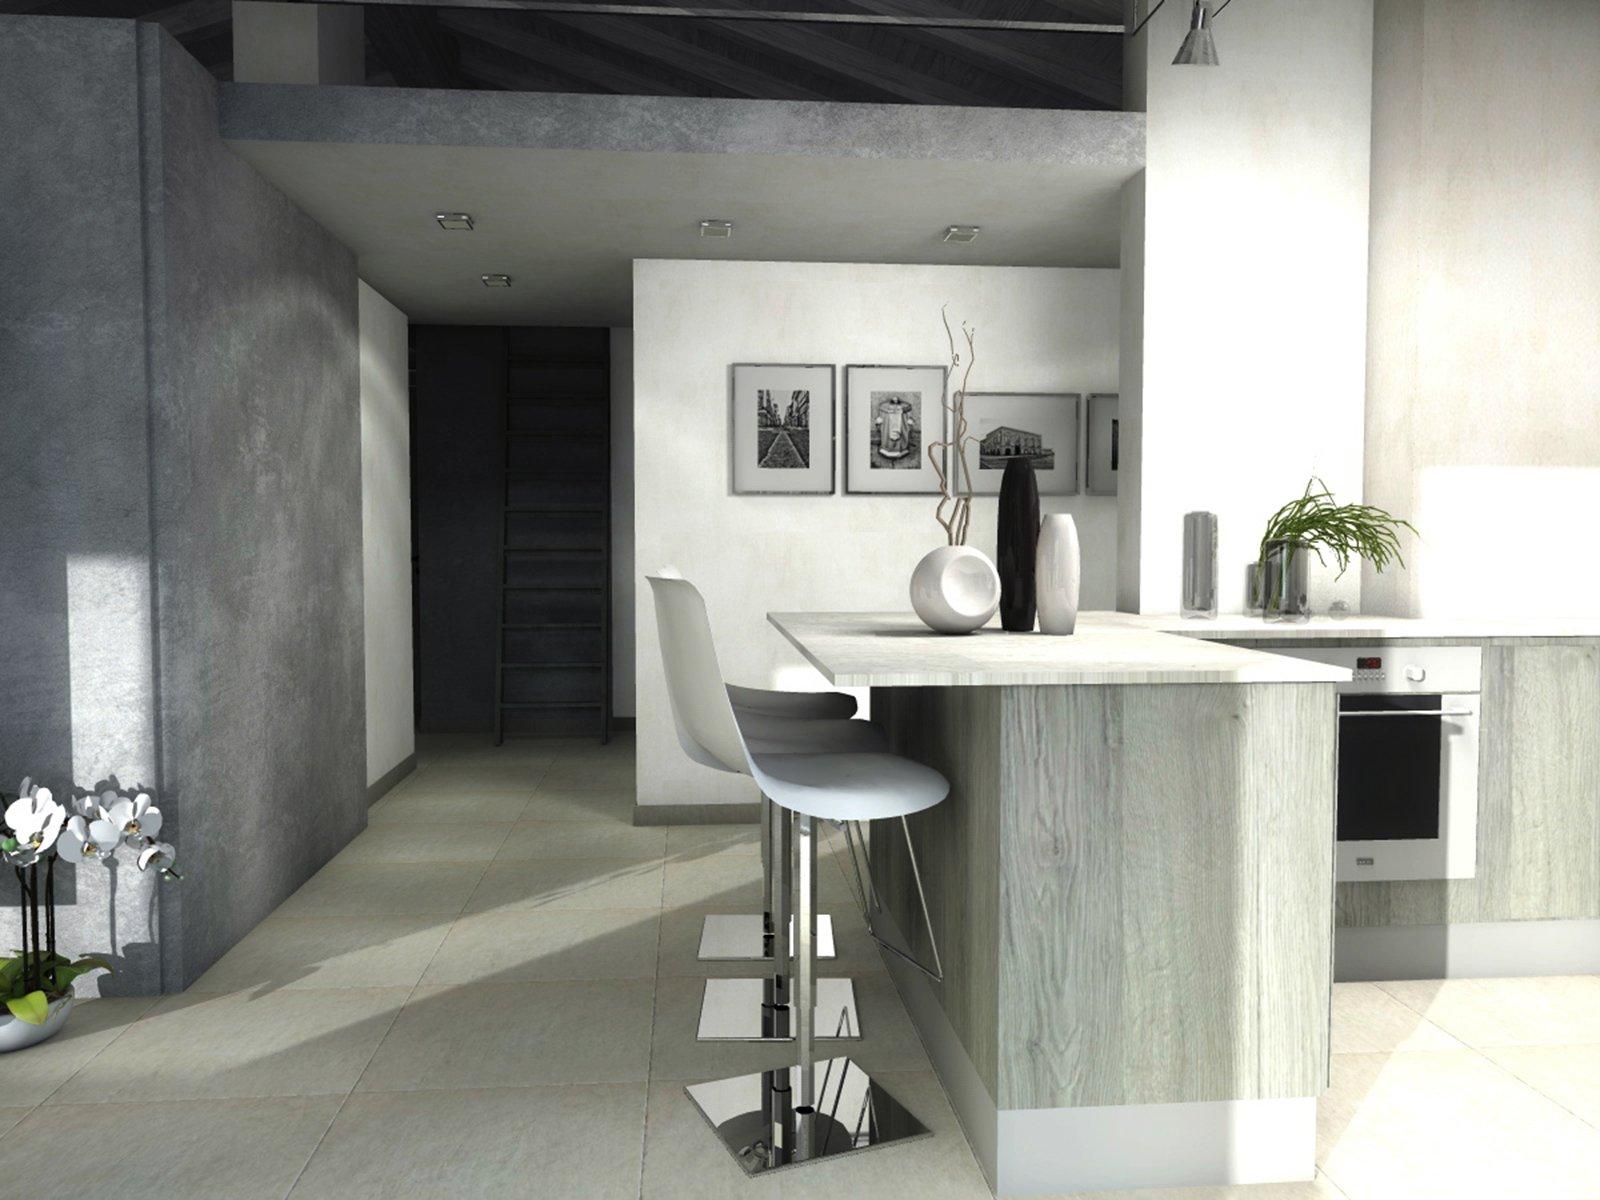 Bancone Per Cucina - Home Design E Interior Ideas - Refoias.net